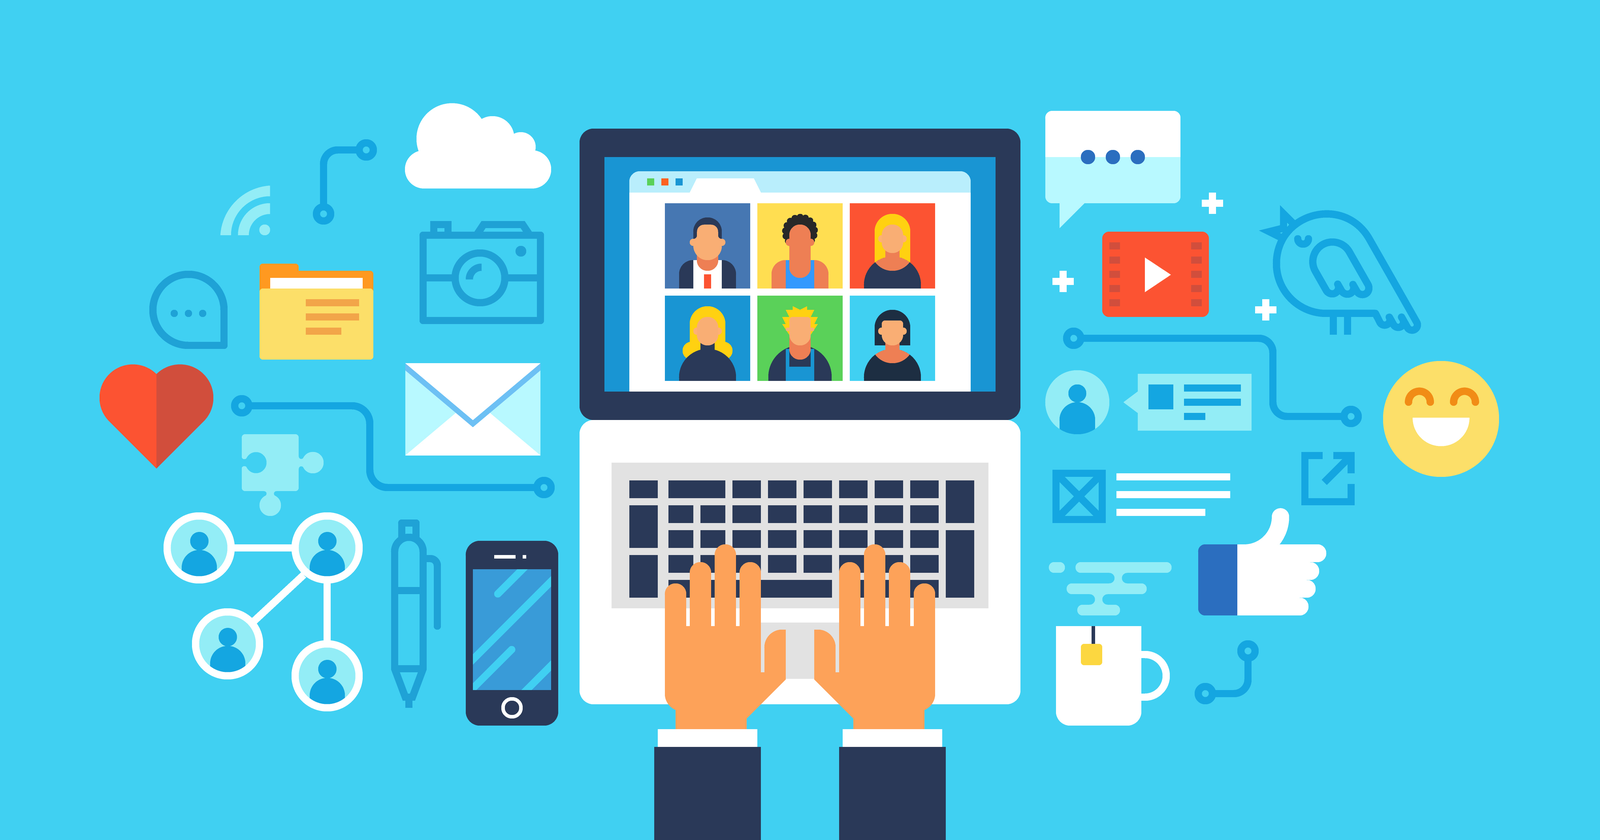 7 New Social Media Marketing Opportunities on Facebook & More via  @JuliaEMcCoy - WP Guy News